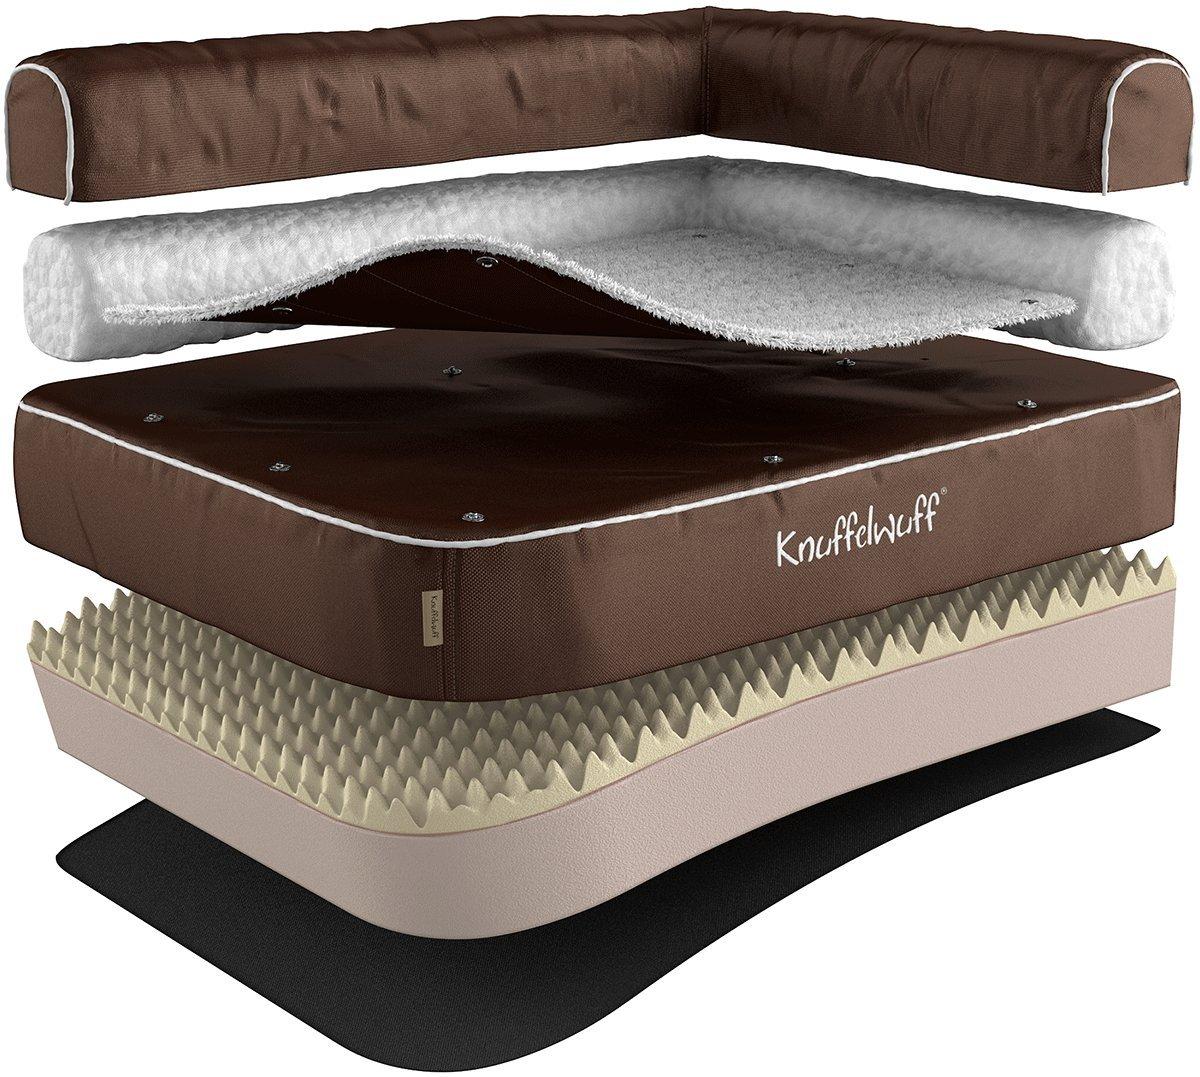 Knuffelwuff Panier orthopédique pour chien lit pour chien Arizona marron 100 x 70cm 13871-003